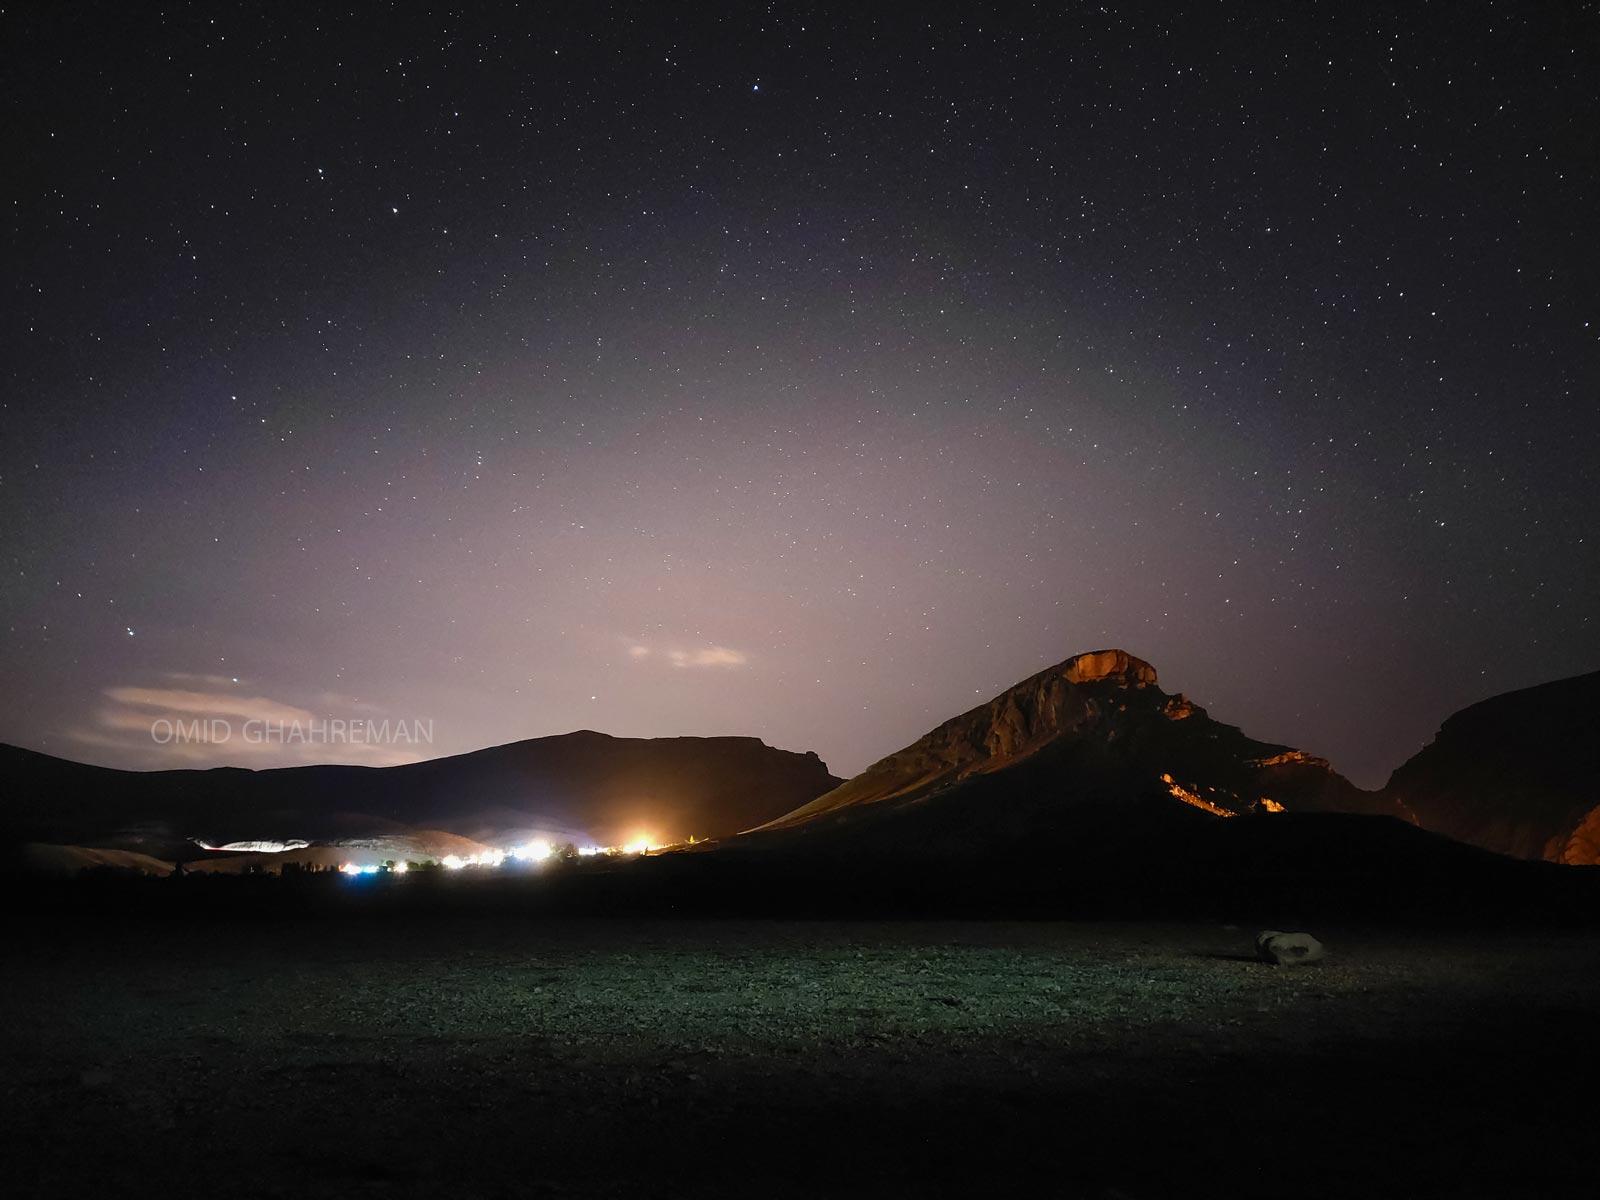 روستای بارون زیر نور ستارگان barun village